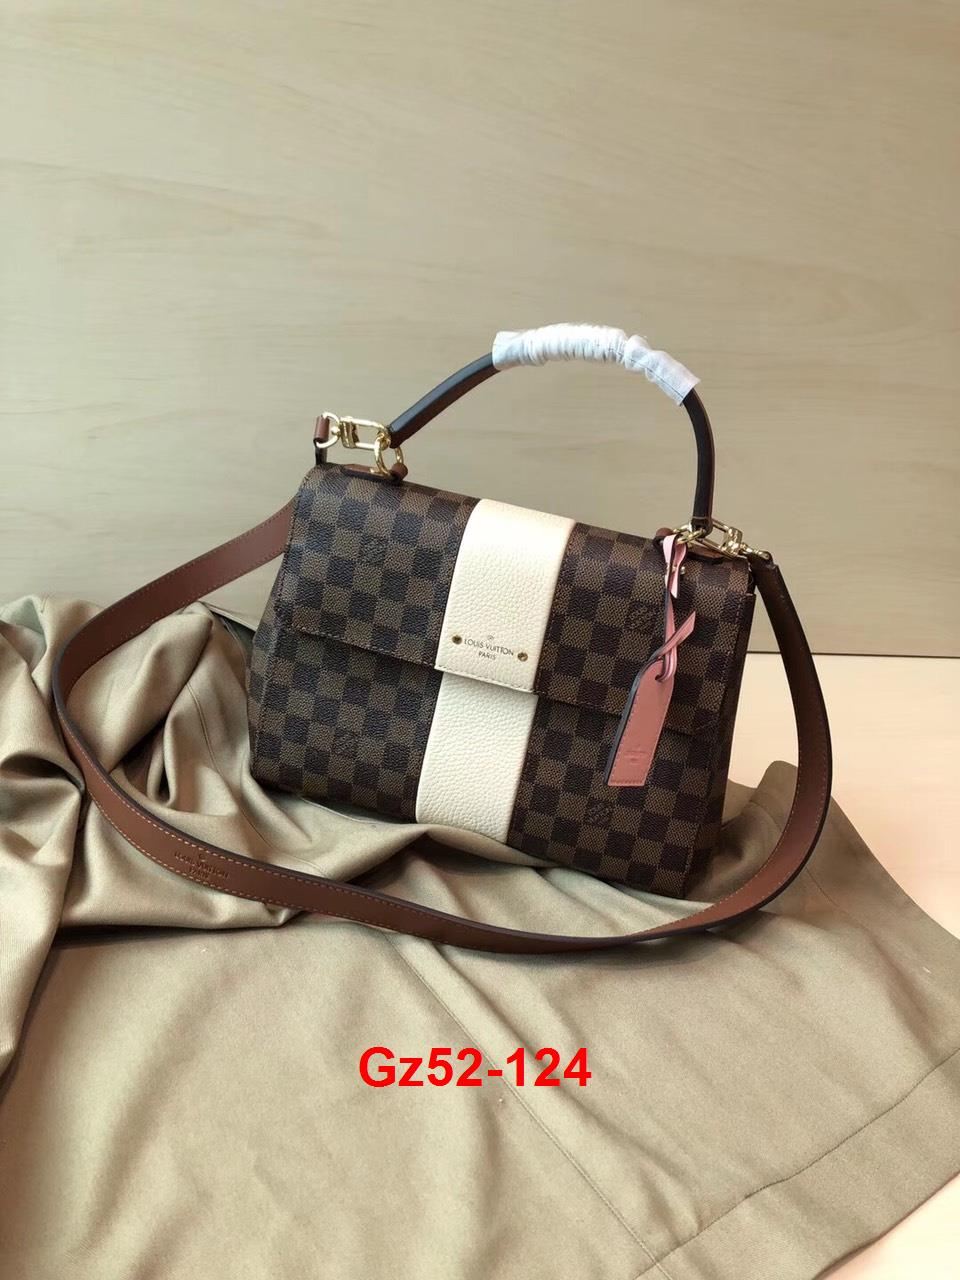 Gz52-124 Louis Vuitton túi size 24cm, 28cm siêu cấp